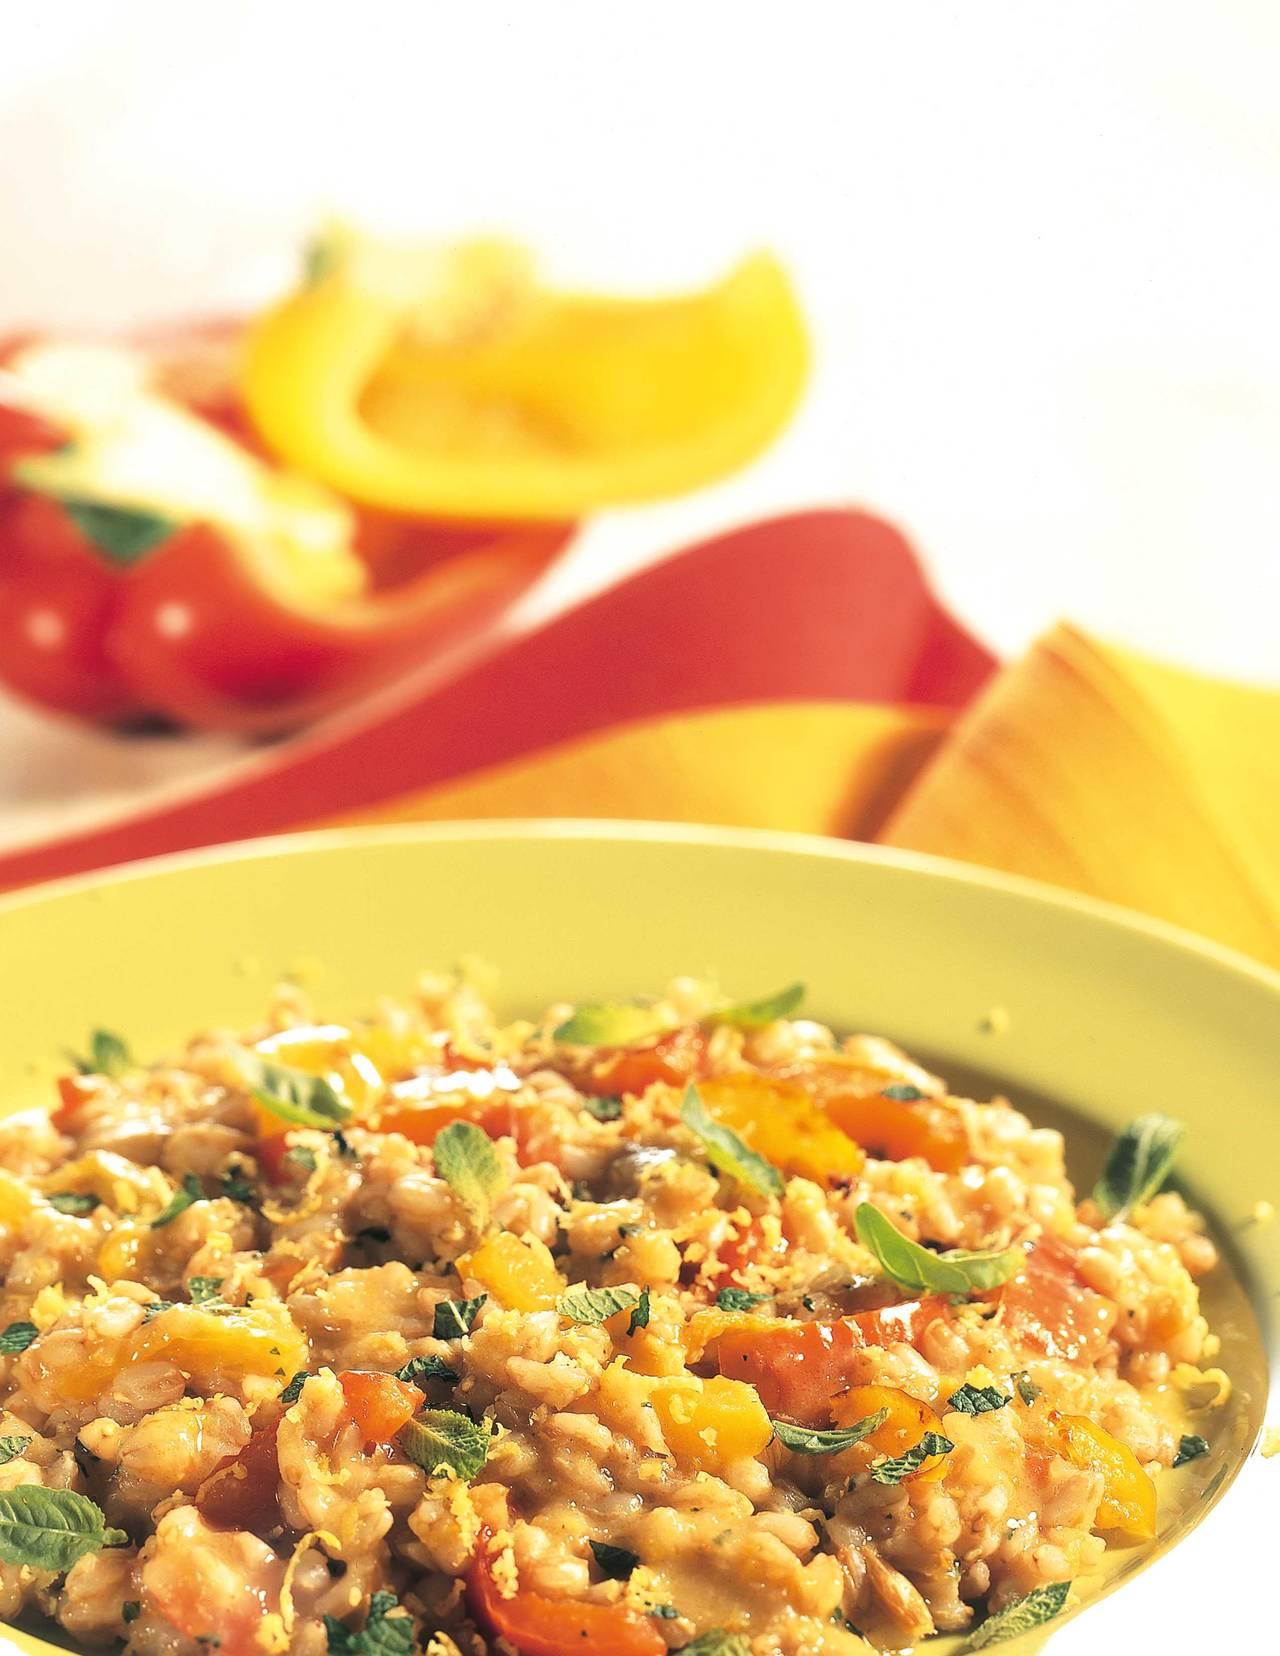 Risotto di farro e peperoni cucina naturale for Siti di ricette cucina